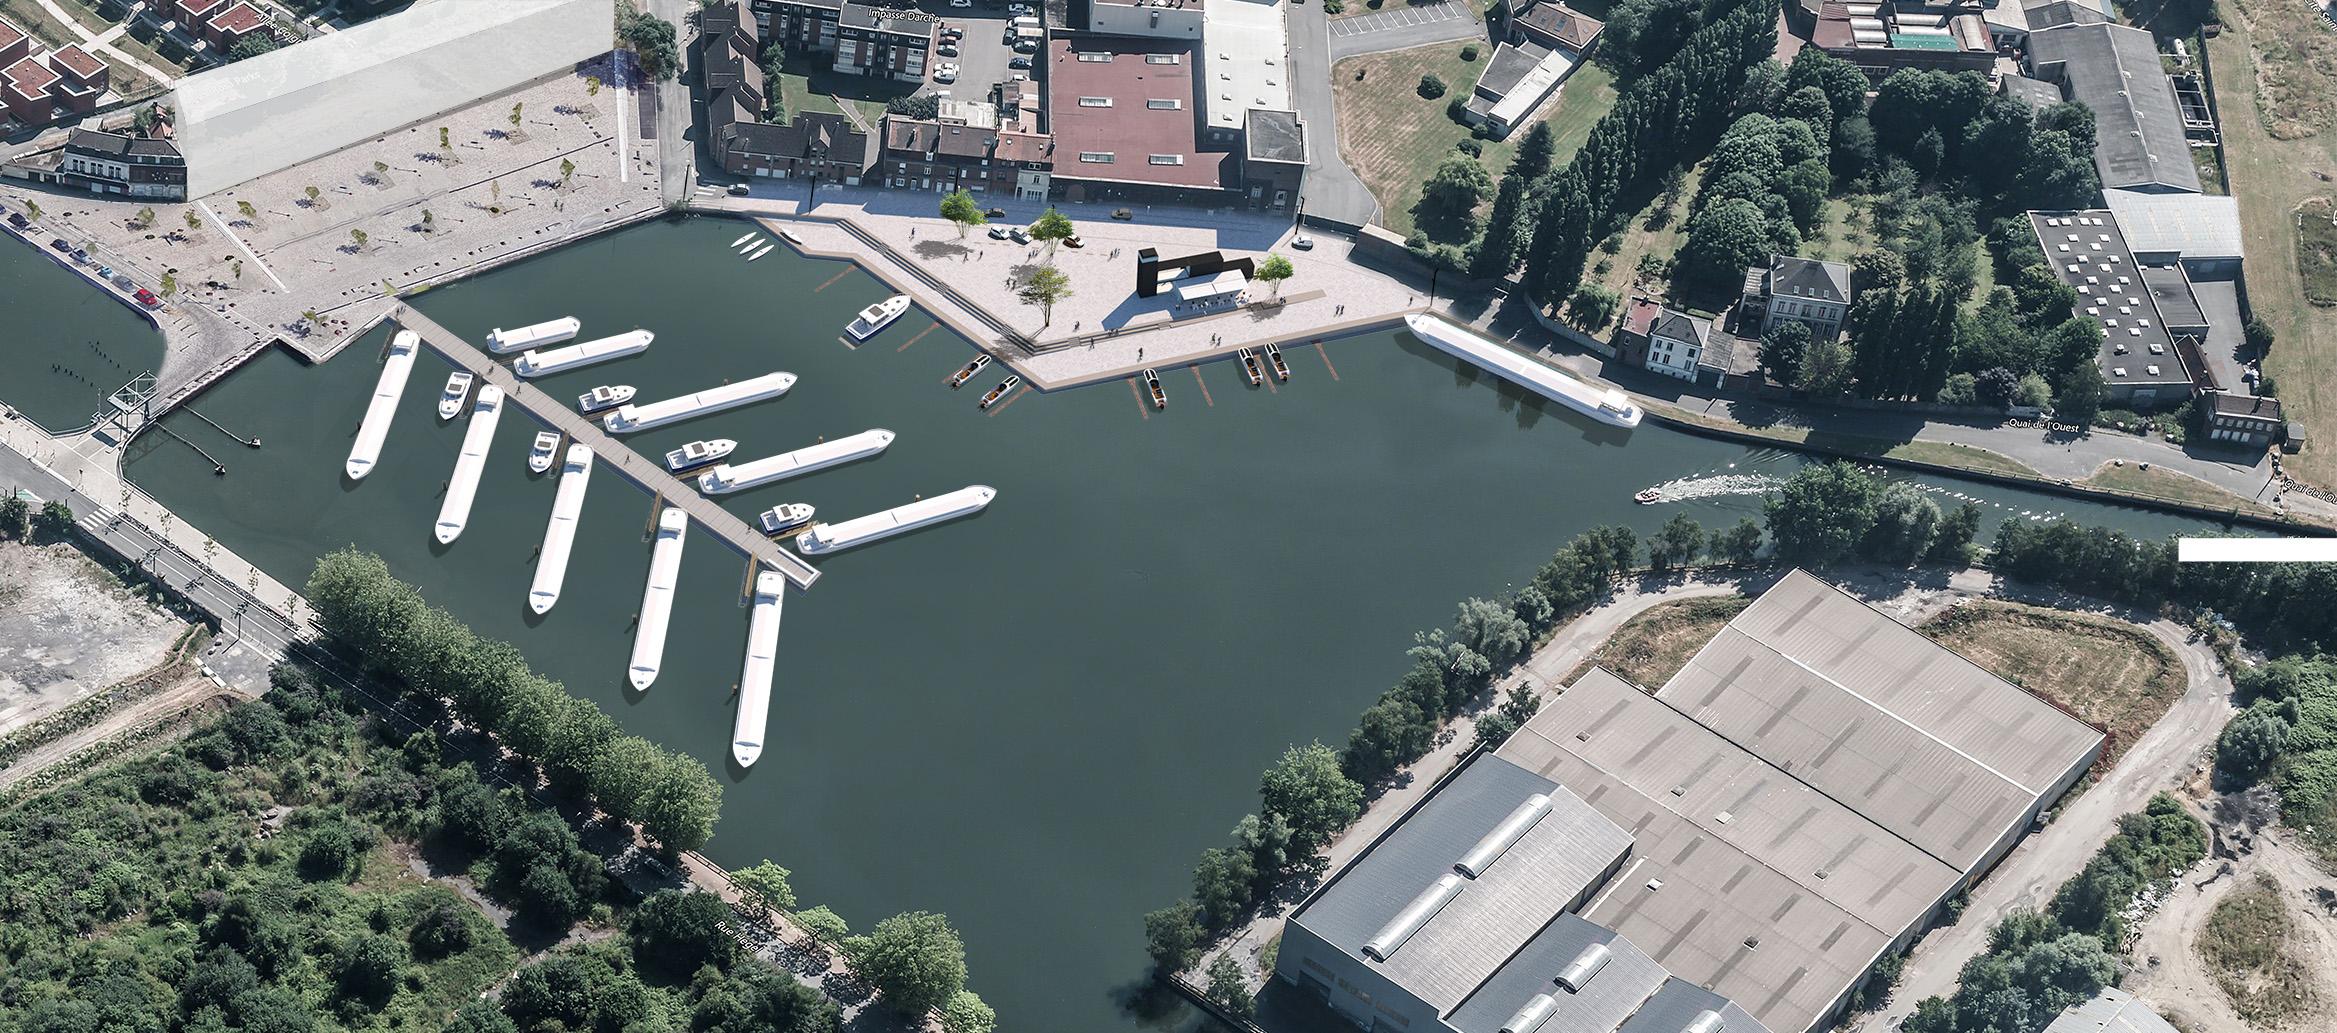 Dossier loi sur l'eau - - LILLE LOMME - Préfiguration d'un port de plaisance sur la Gare d'eau